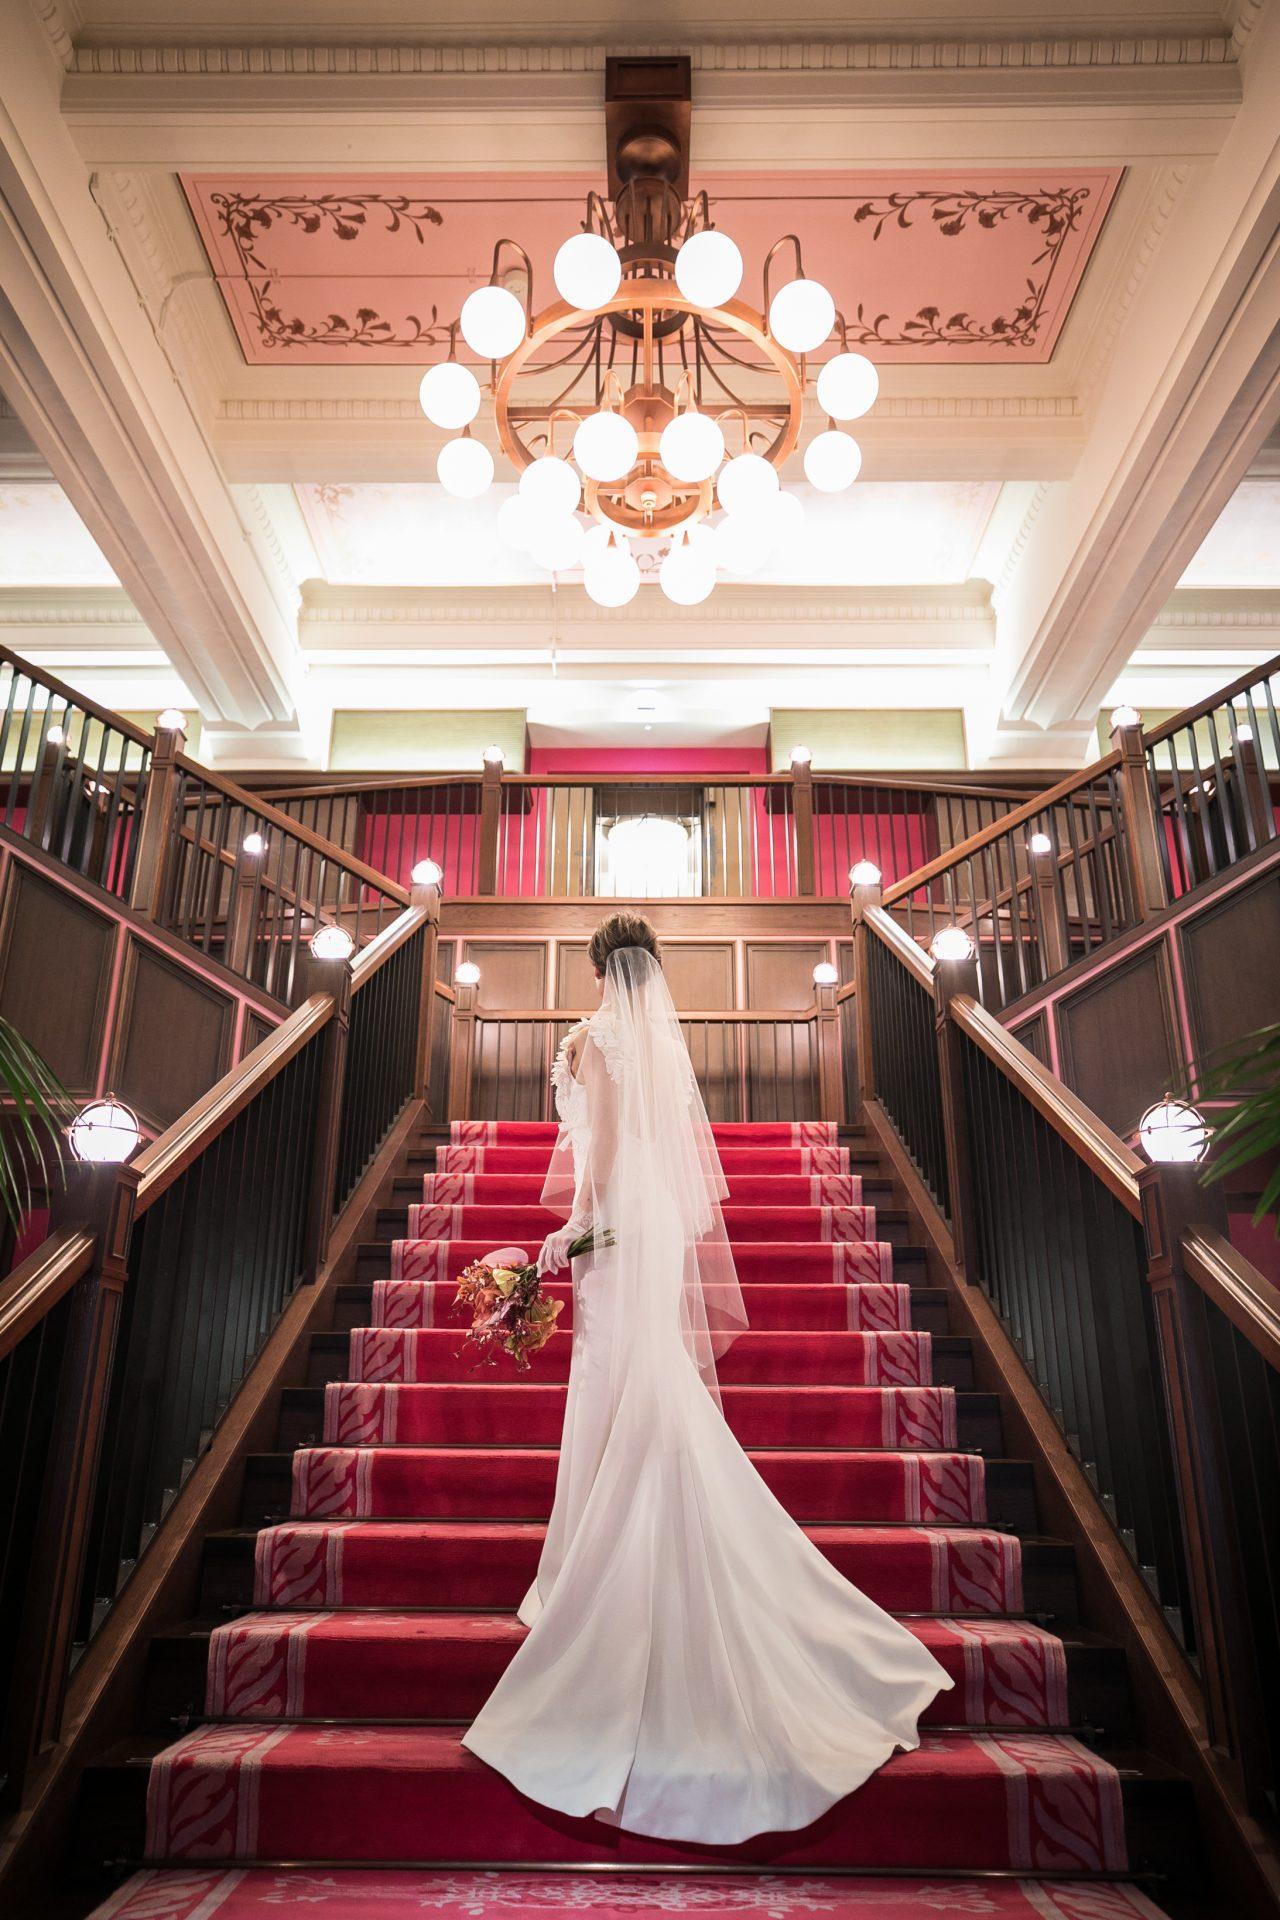 ザトリートドレッシング名古屋店のウェディングドレスでザ ・コンダーハウスの大階段での撮影